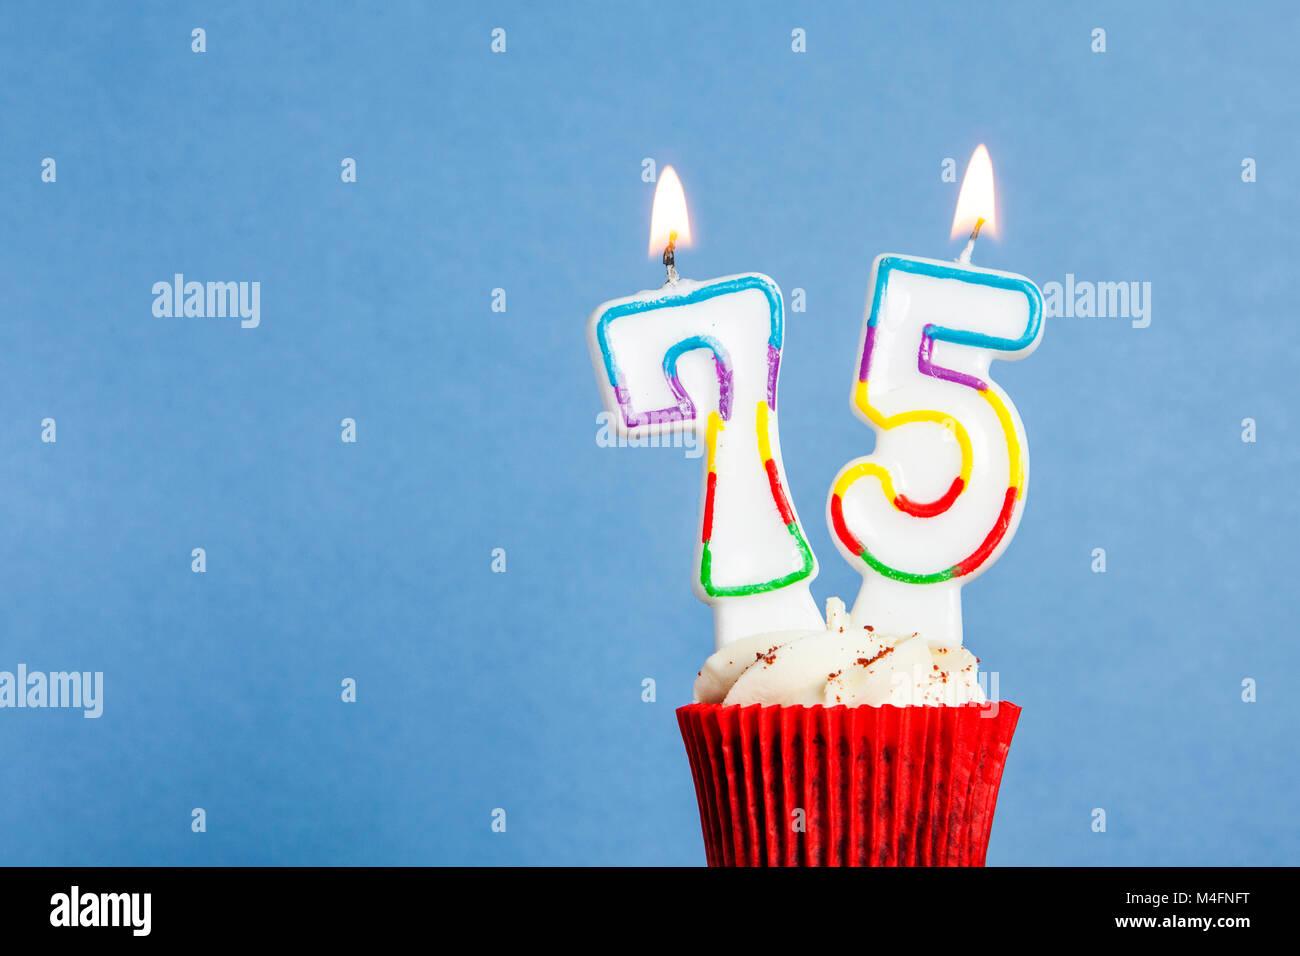 Nummer 75 Geburtstag Kerze In Eine Cupcake Vor Einem Blauen Hintergrund Stockbild